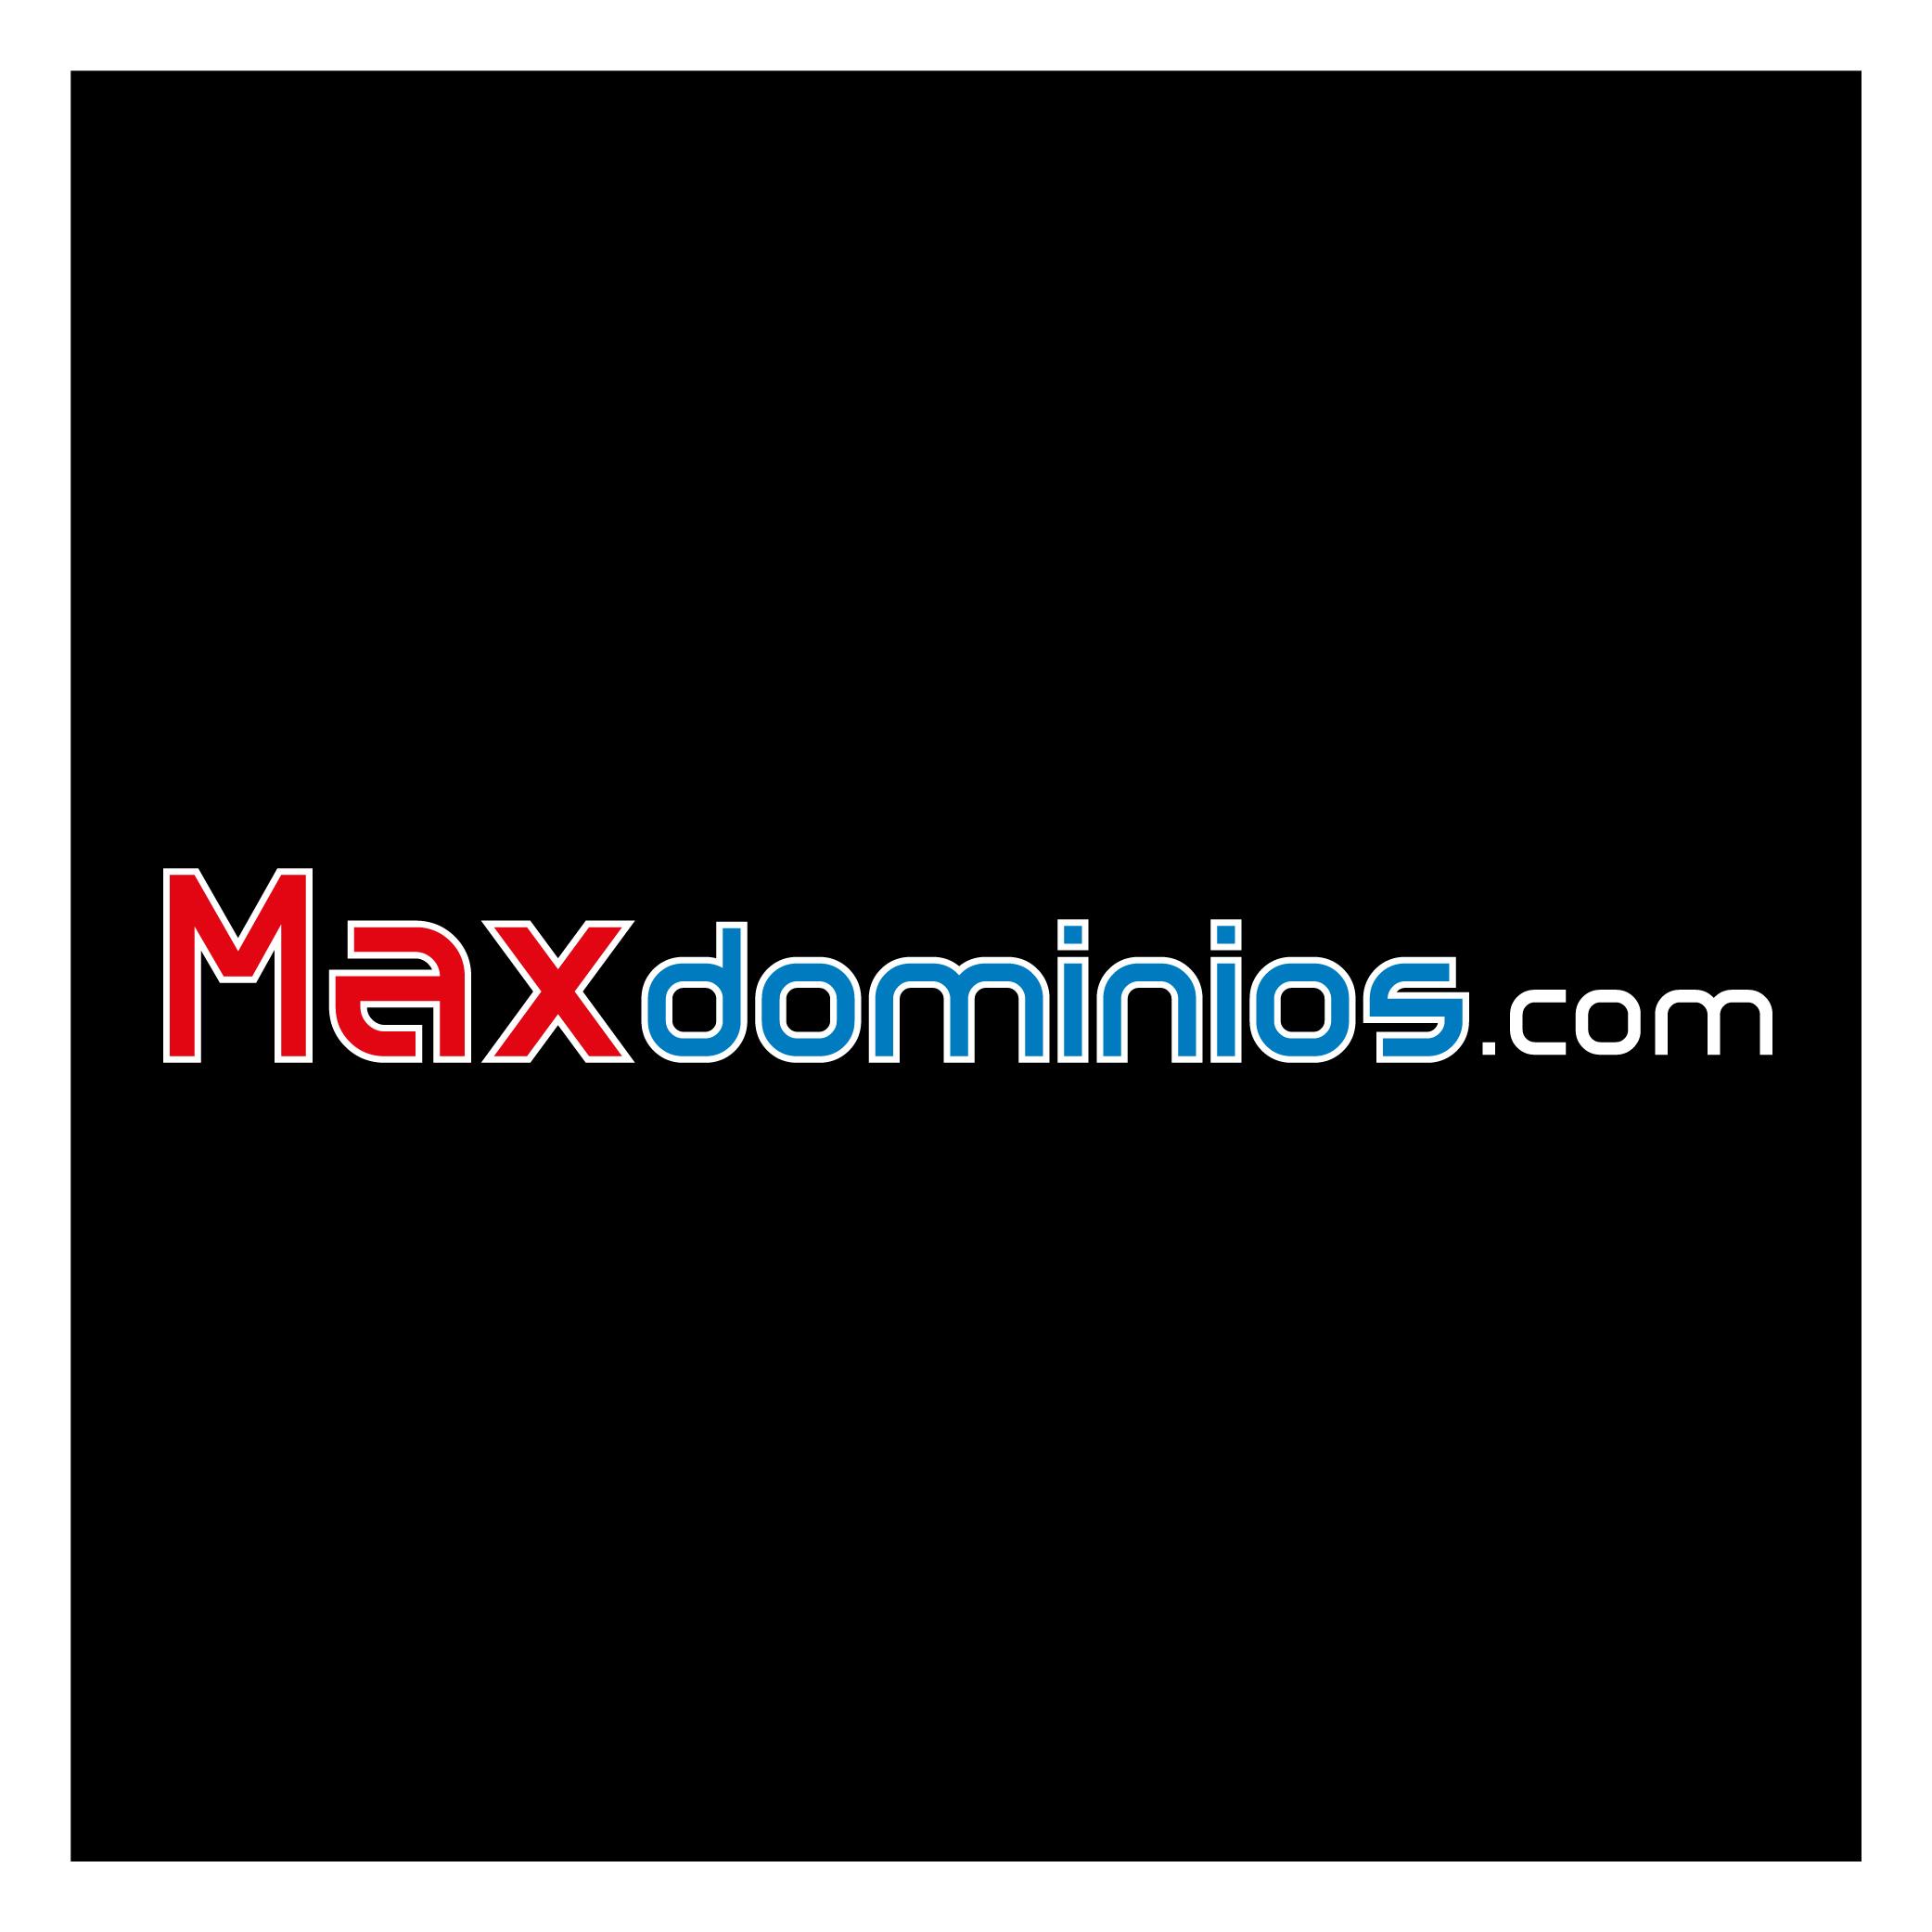 logotipo maxdominio-01